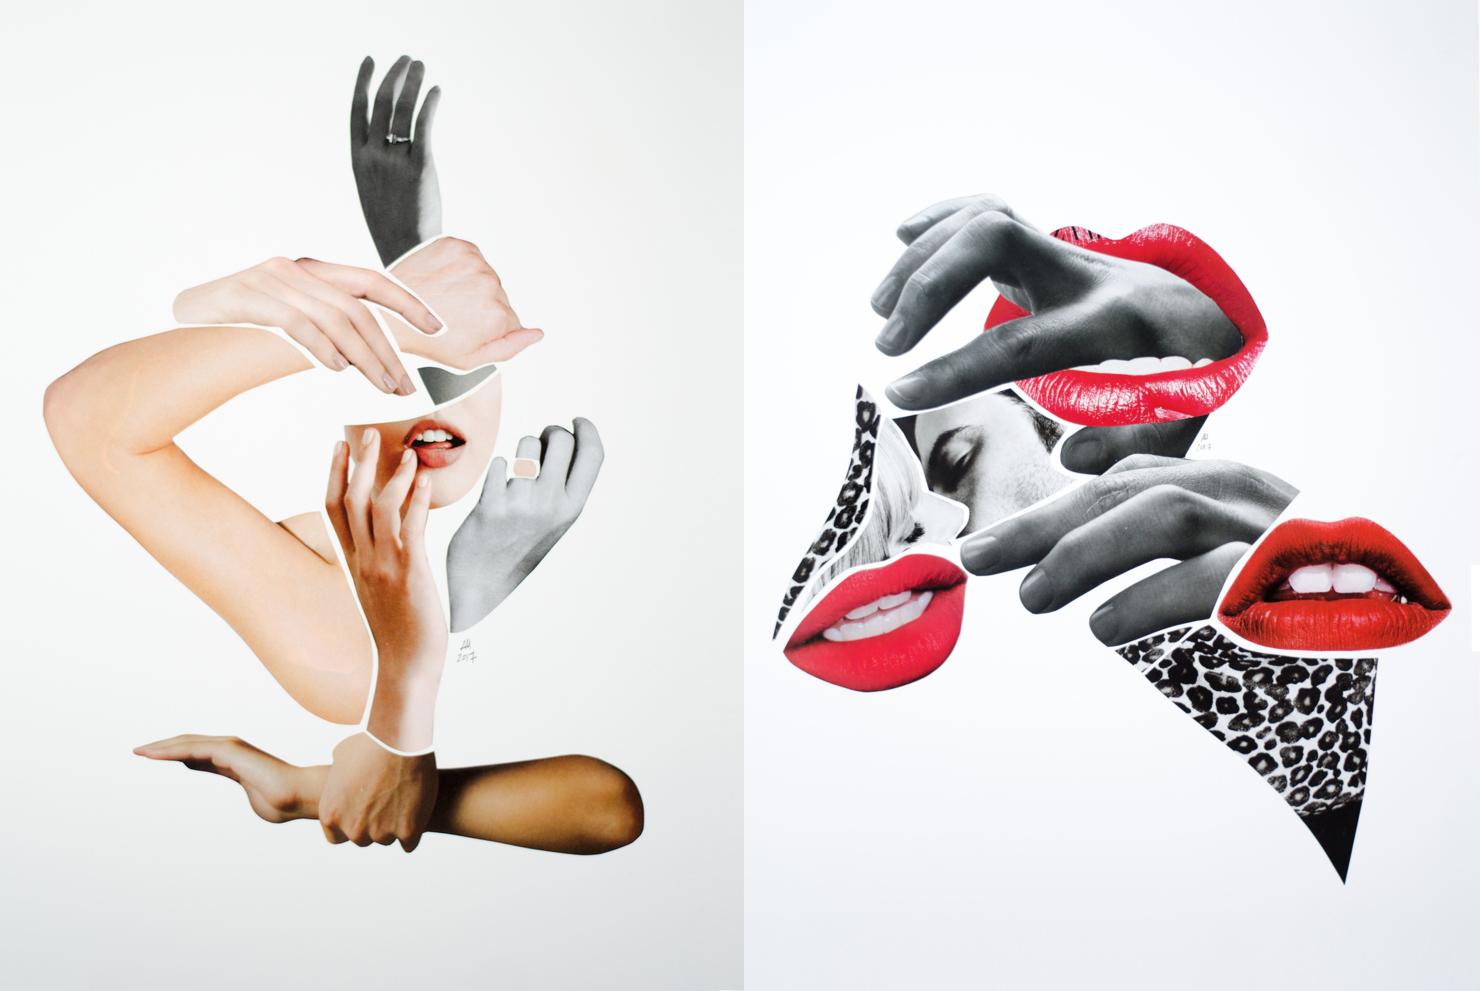 Sklejka z dwoch kolazy na jednym widzimy usta kobiety otoczone kilkoma parami rak na drugim widzimy usta w tle calujaca sie pare a to wszystko otoczone rekoma